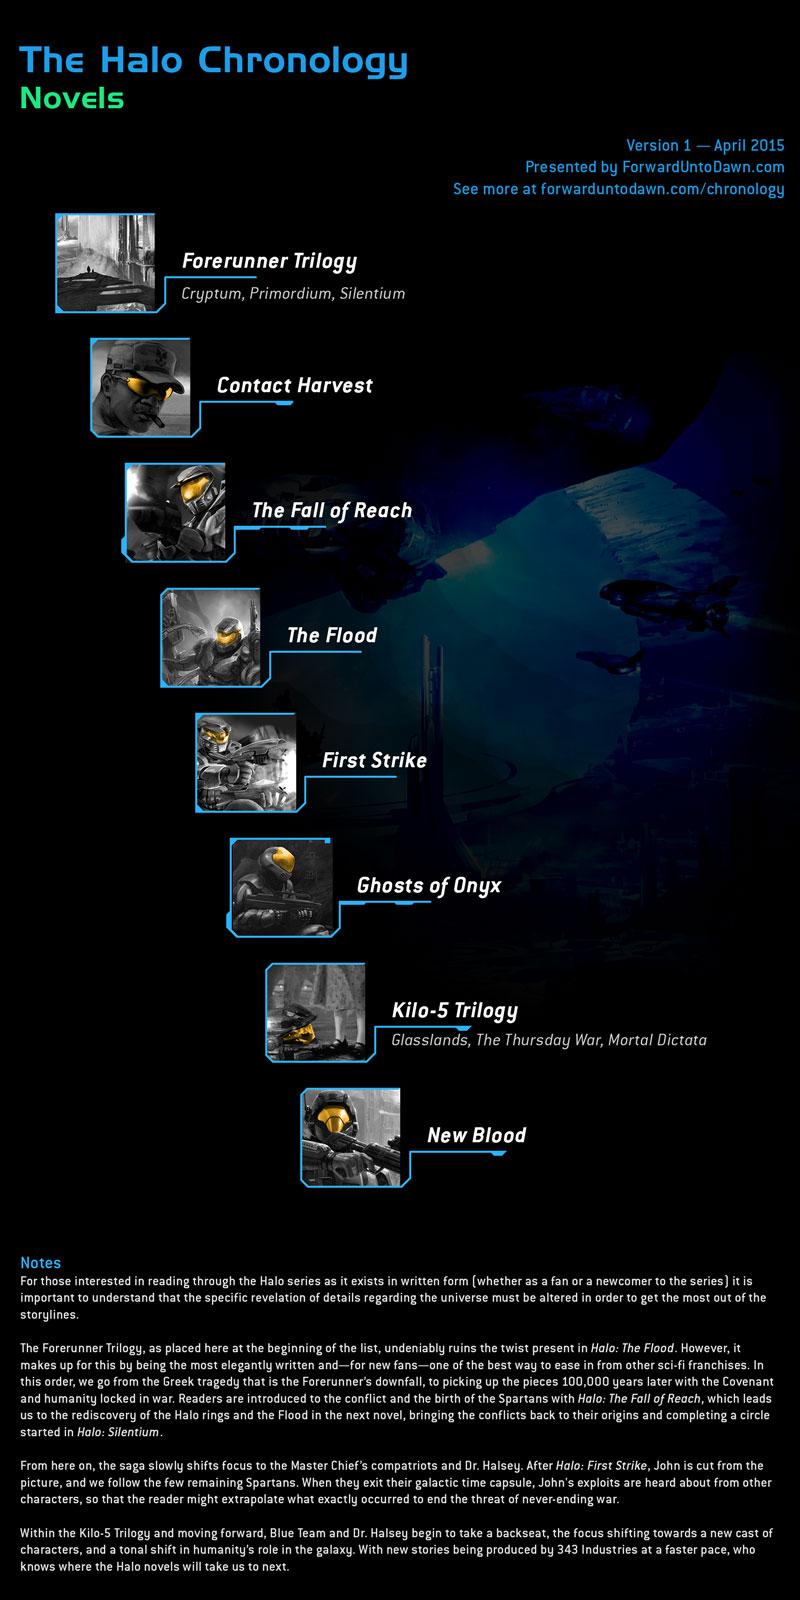 Halo Chronology Forward Unto Dawn